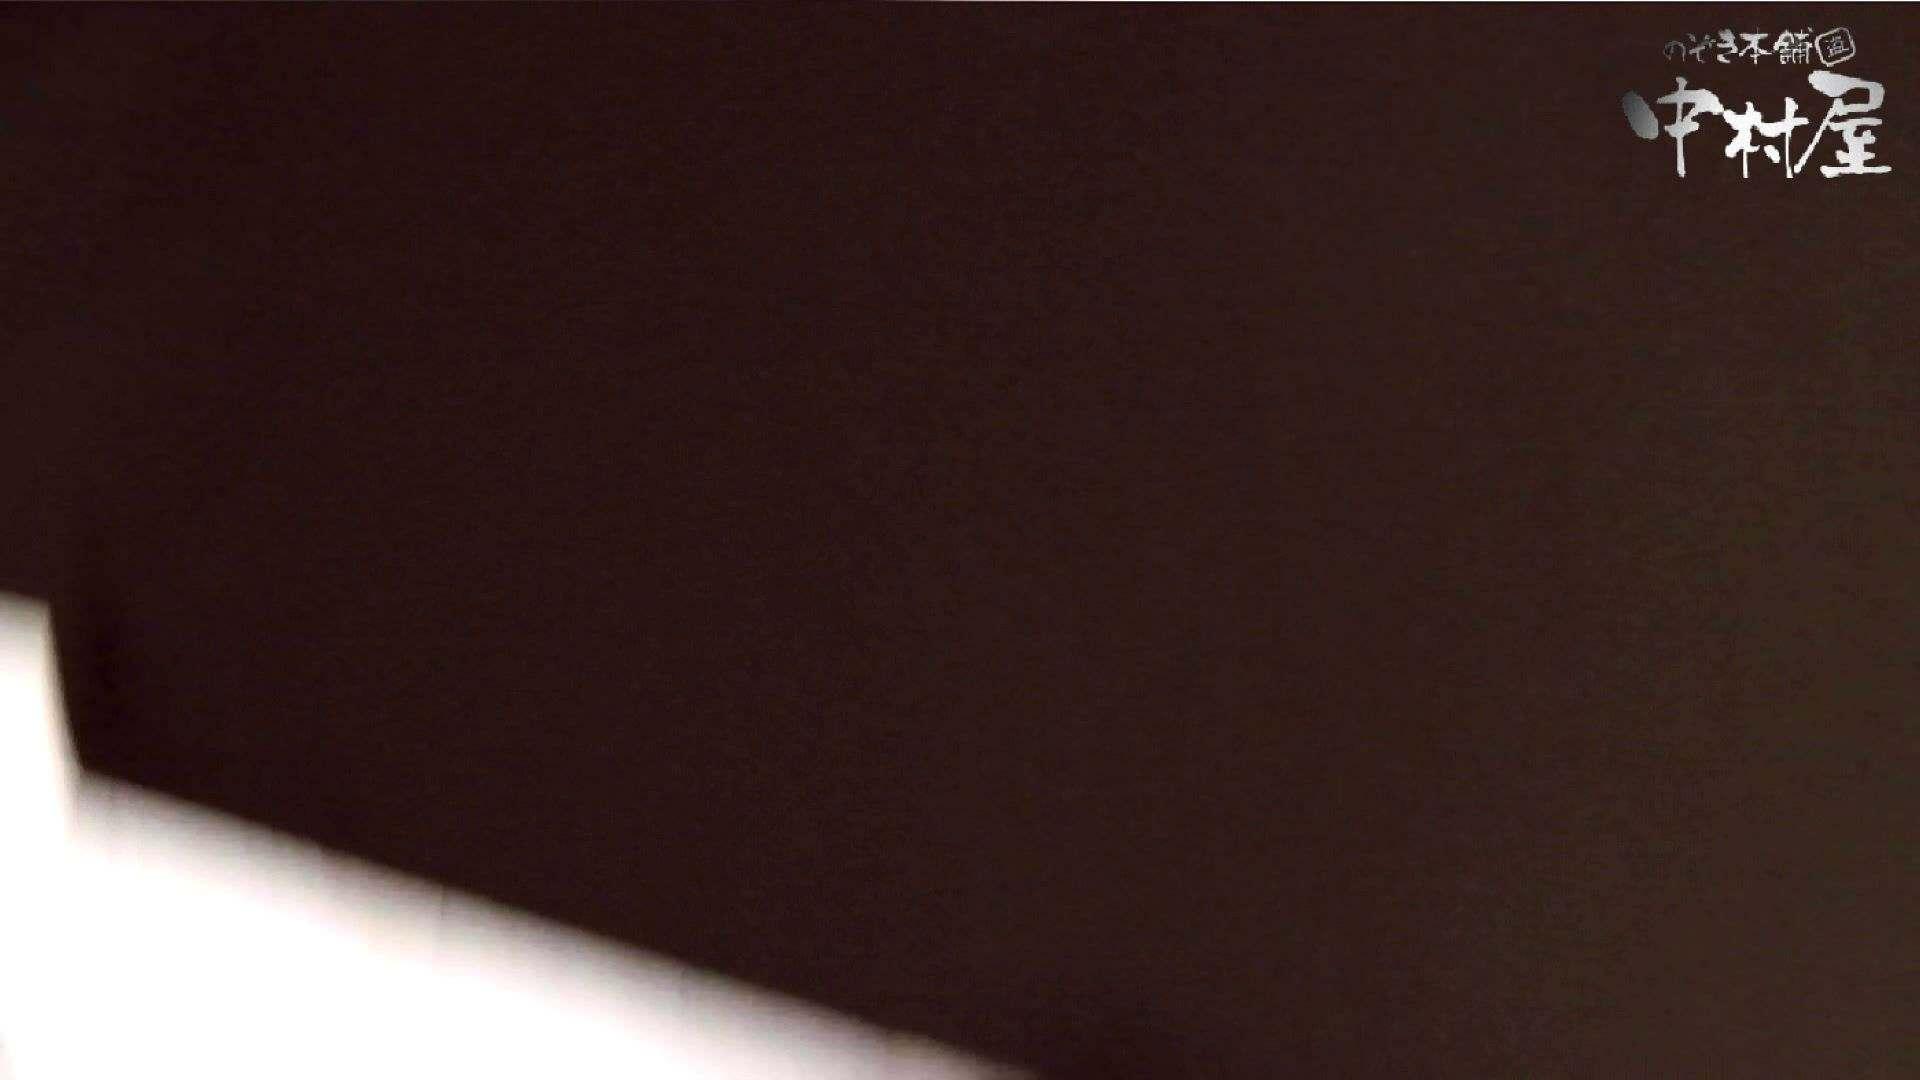 【世界の射窓から】世界の射窓から vol.4前編 洗面所  58連発 24